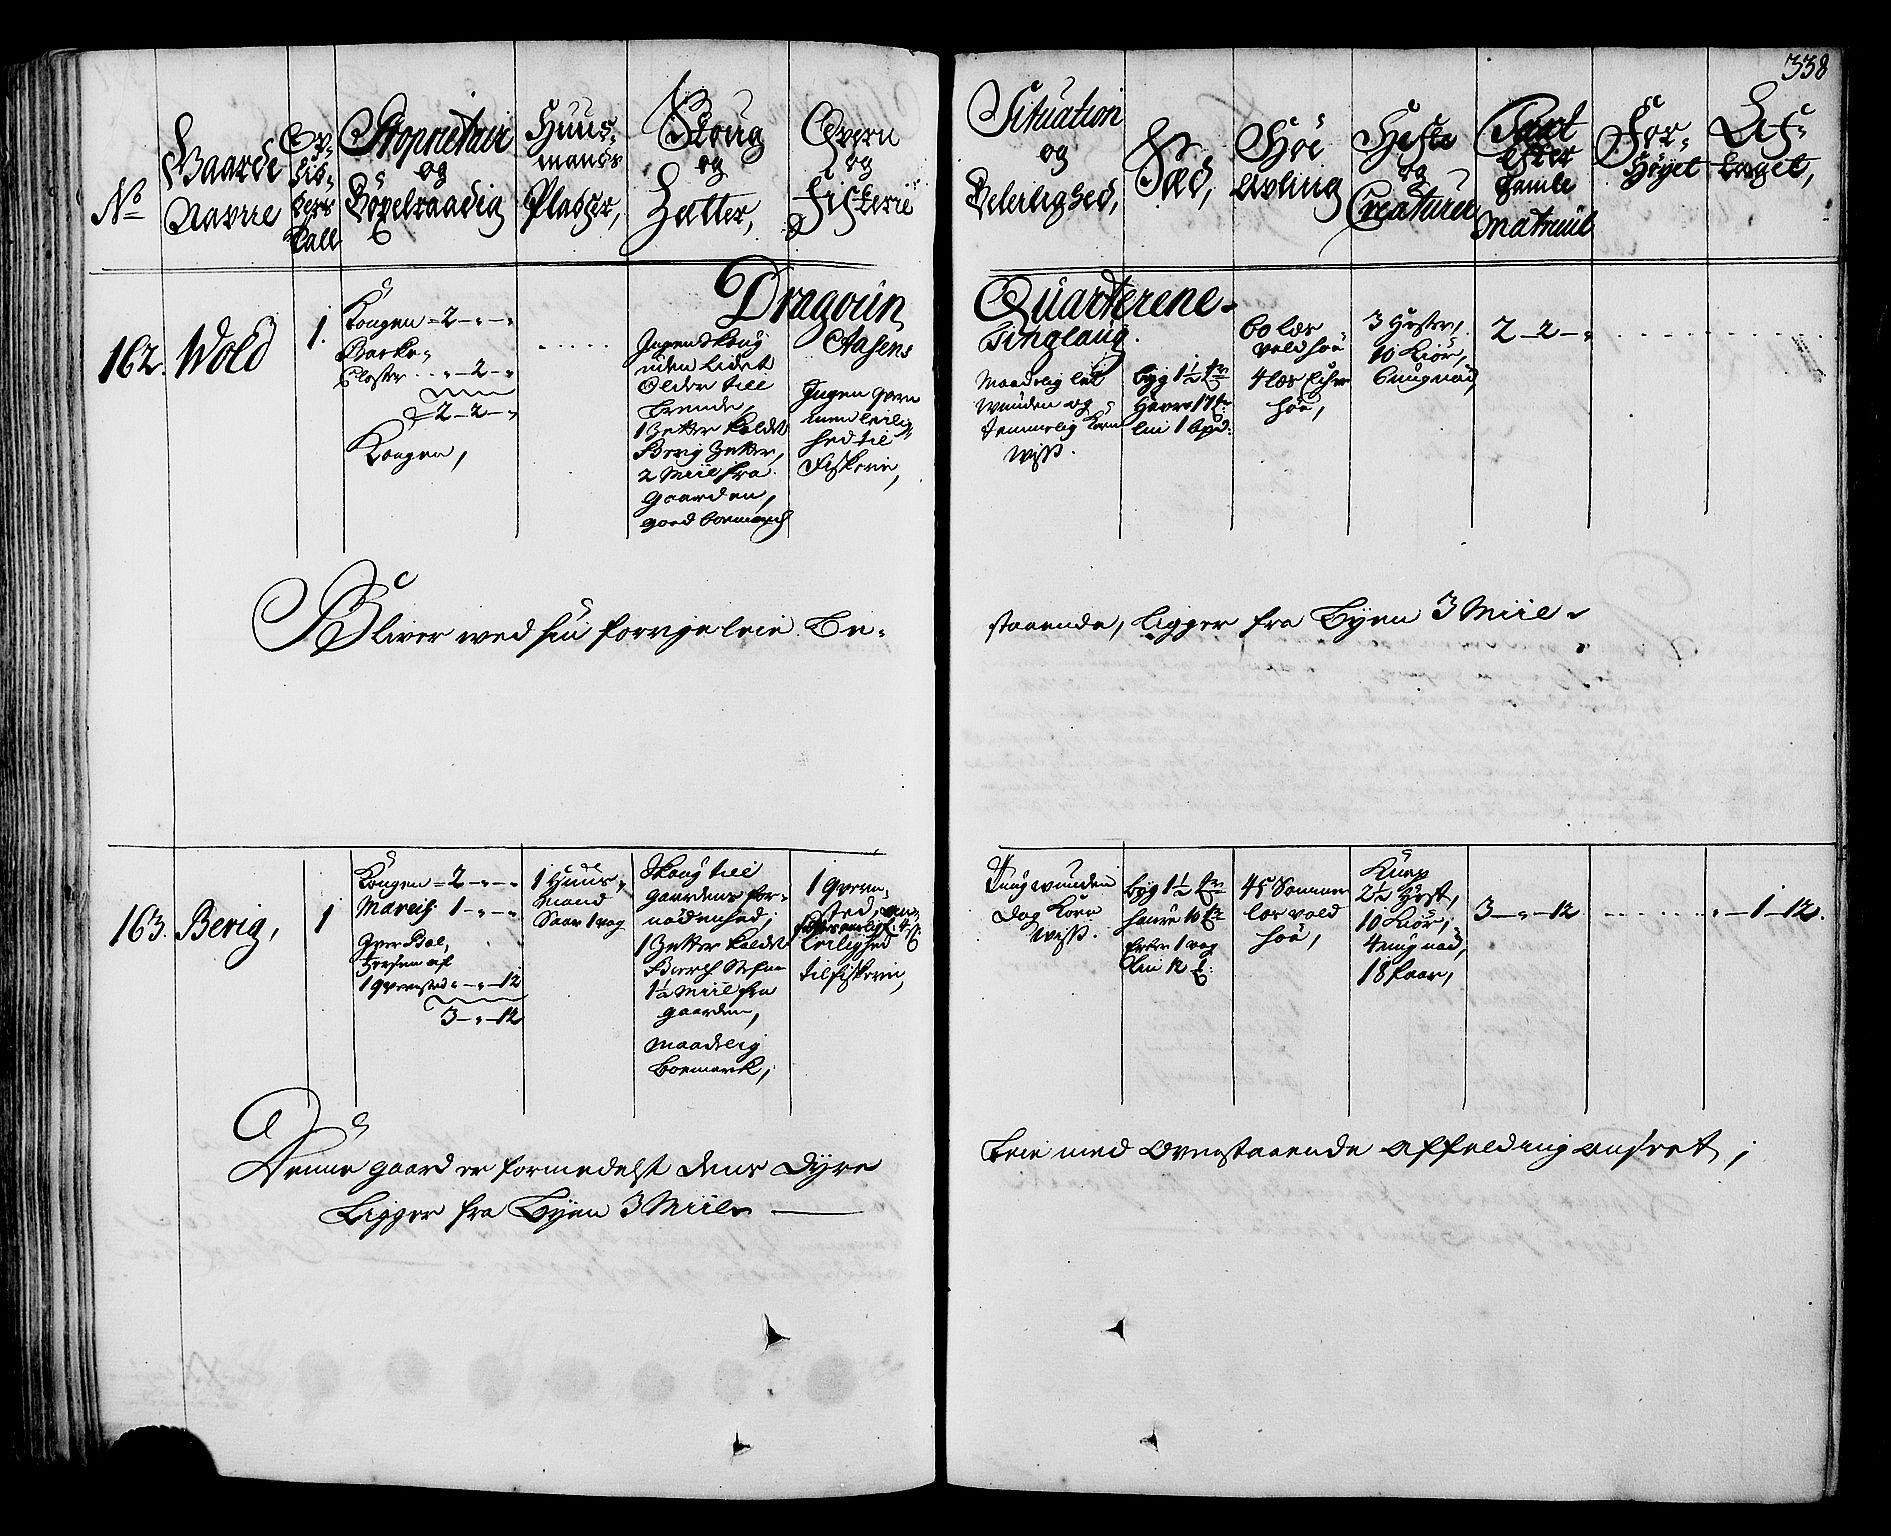 RA, Rentekammeret inntil 1814, Realistisk ordnet avdeling, N/Nb/Nbf/L0164: Stjørdal og Verdal eksaminasjonsprotokoll, 1723, s. 337b-338a